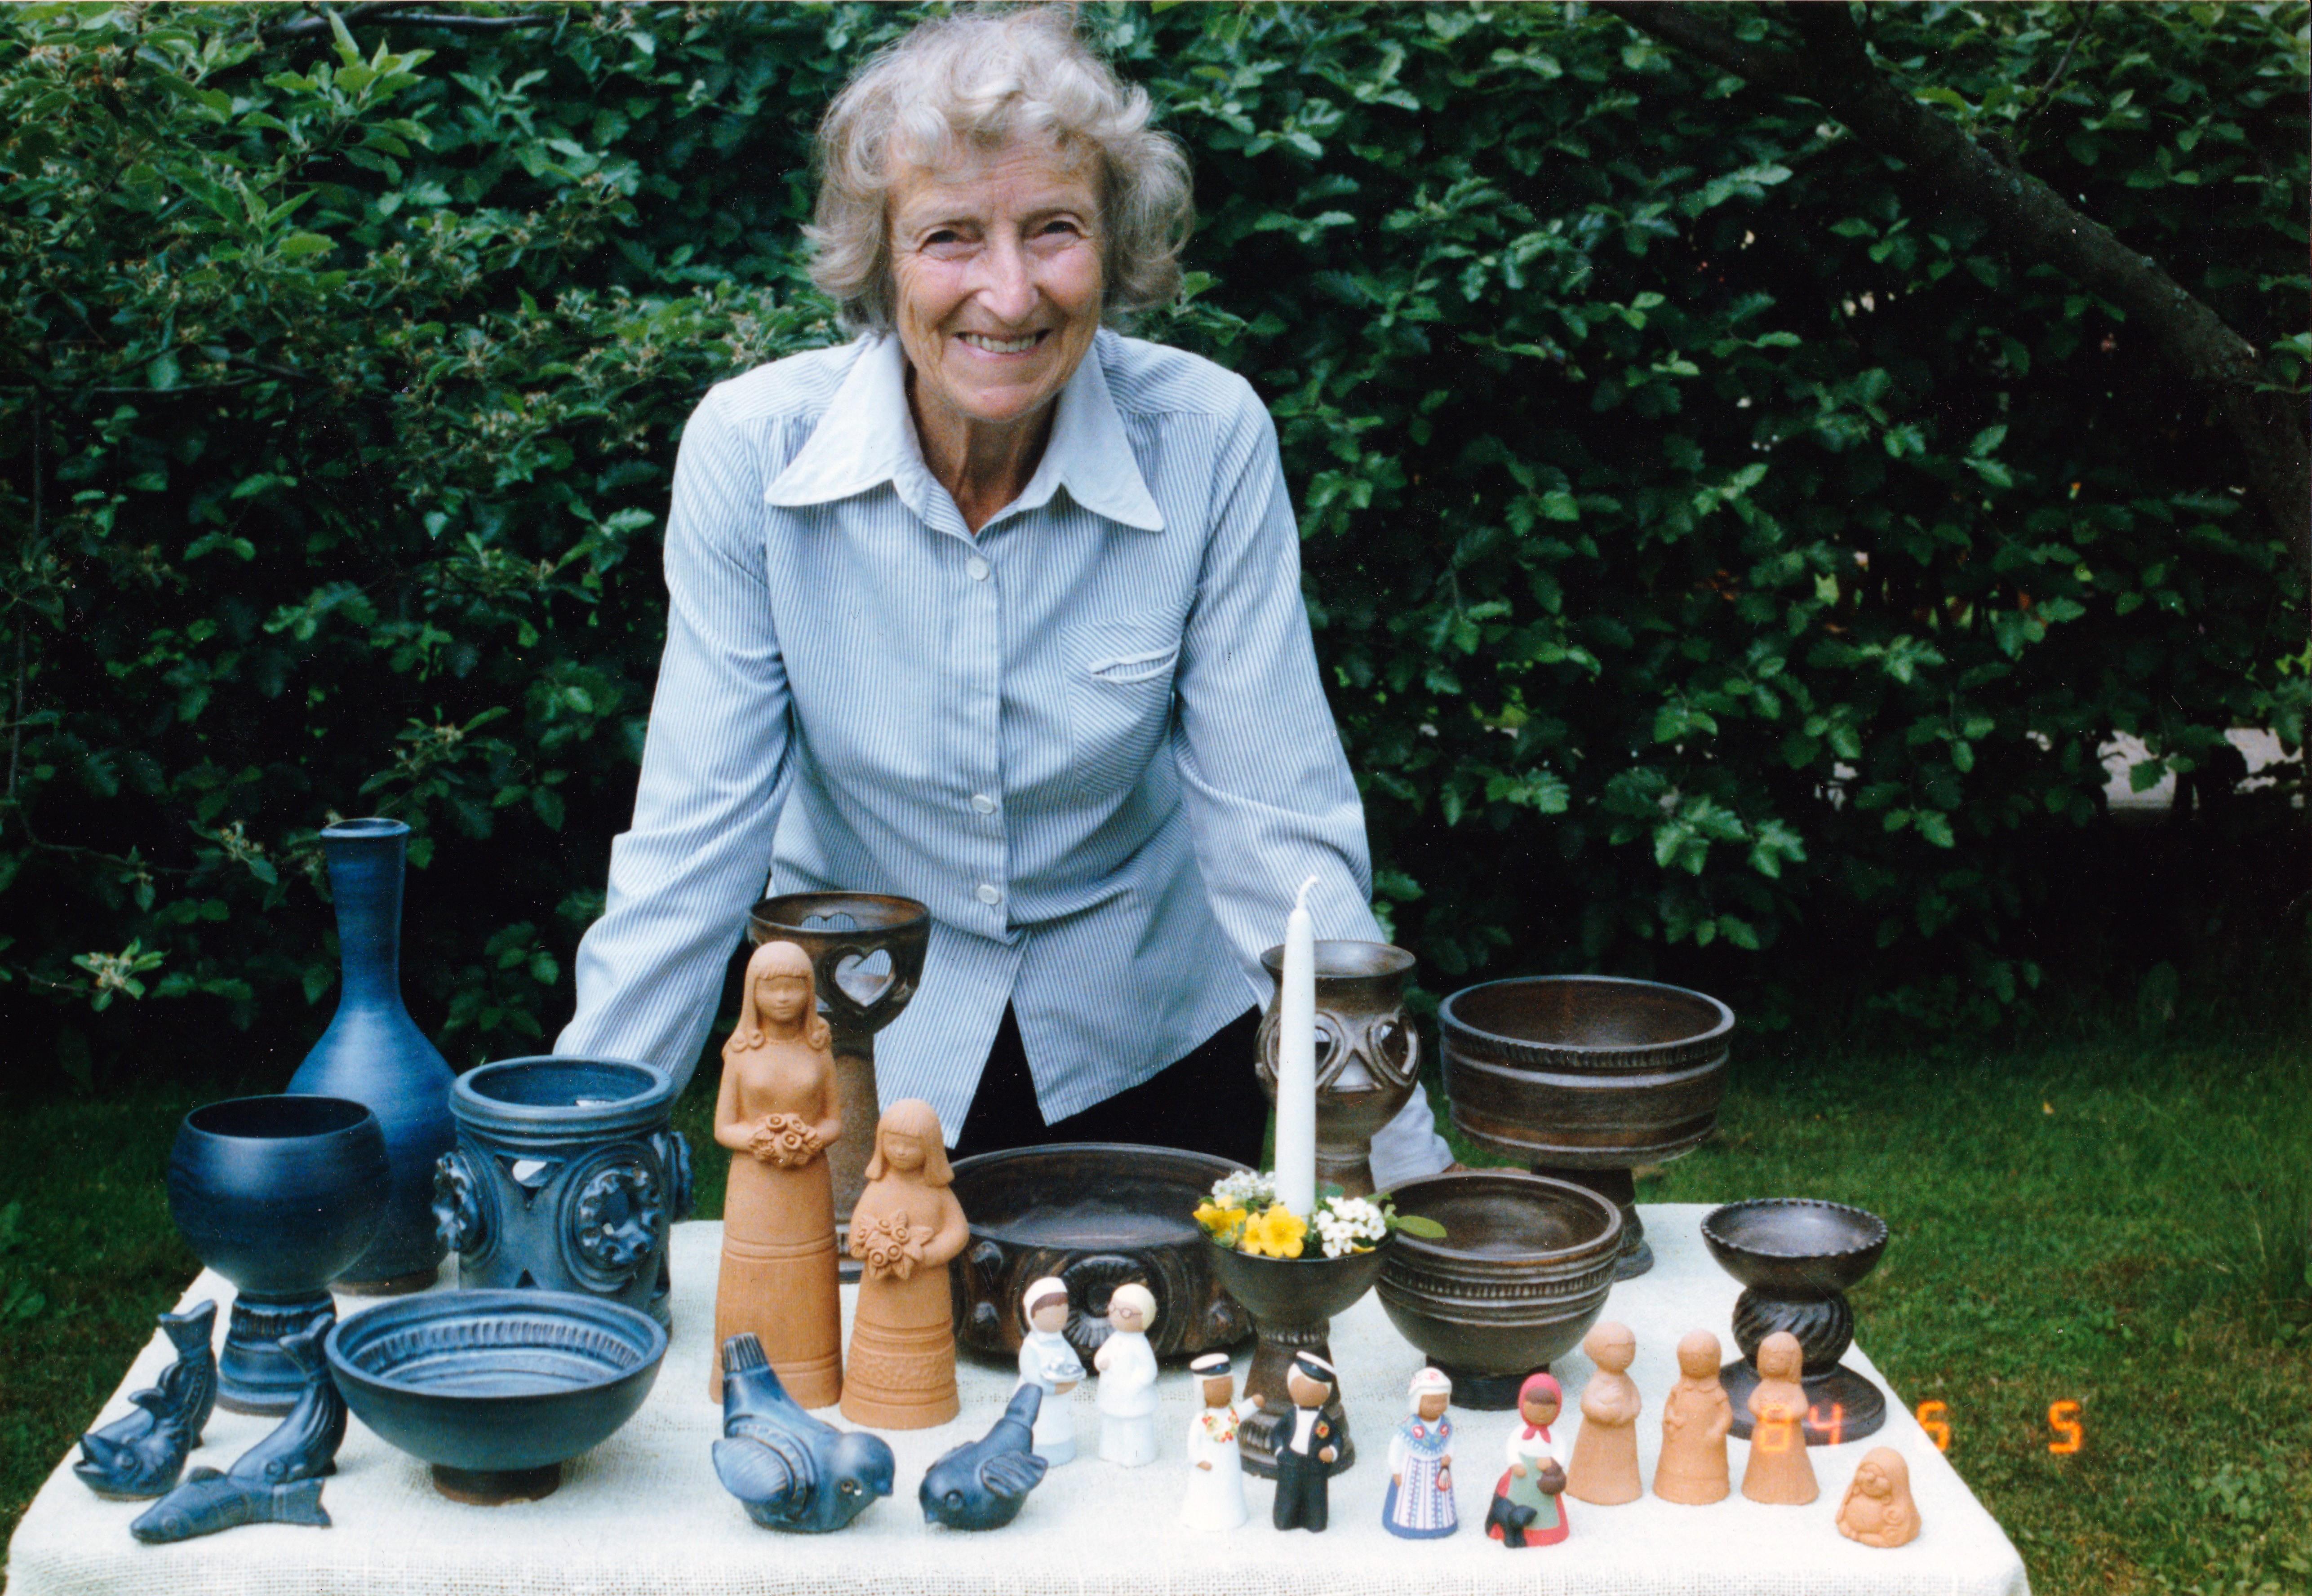 Irma Yourstone utanför dåvarande bostaden och keramikverkstaden Aleslätt 1984.